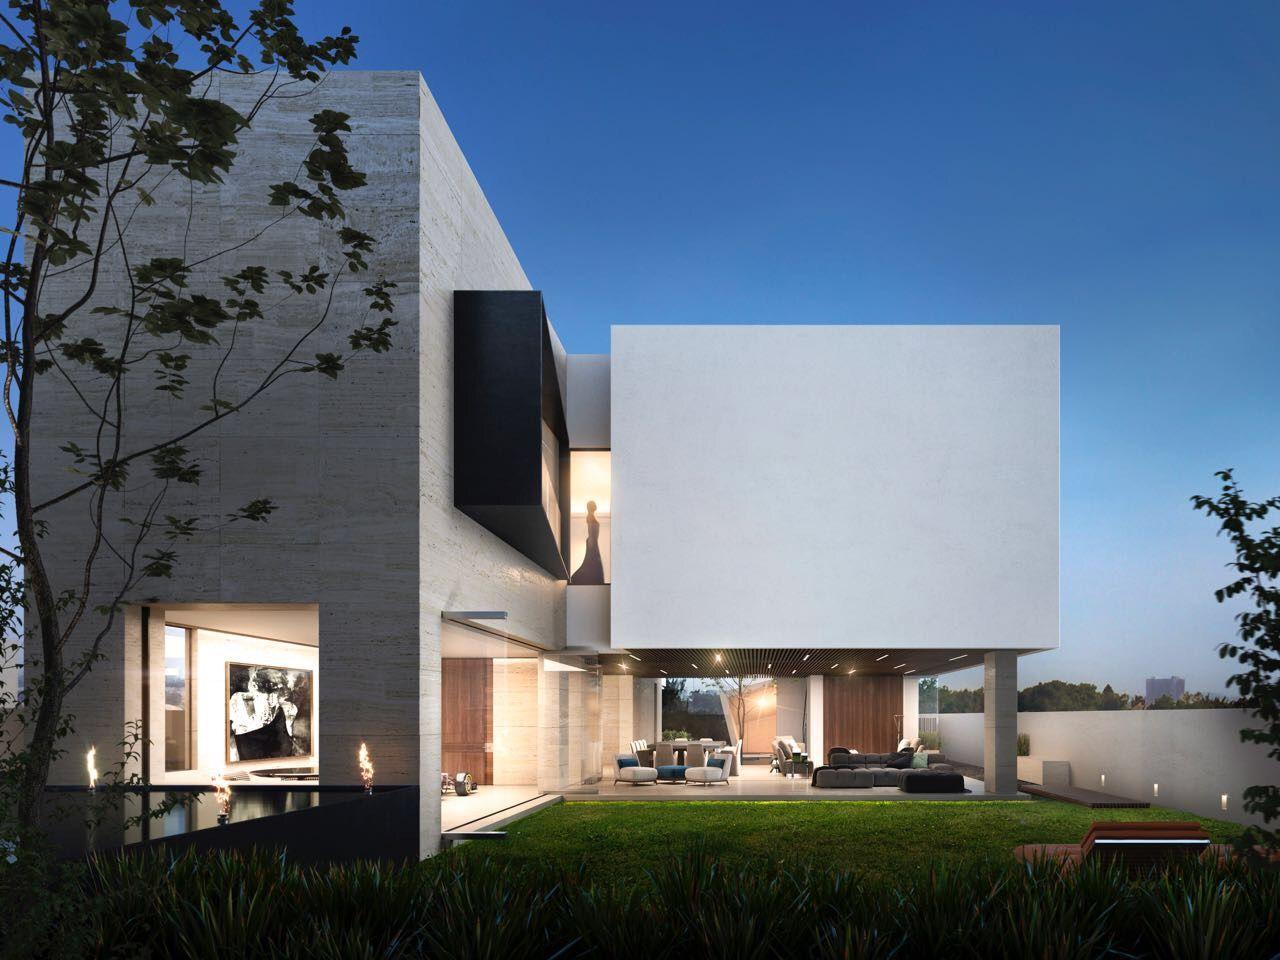 Jard n posterior casa cc de lassala orozco arquitectos en for Casa minimalista definicion